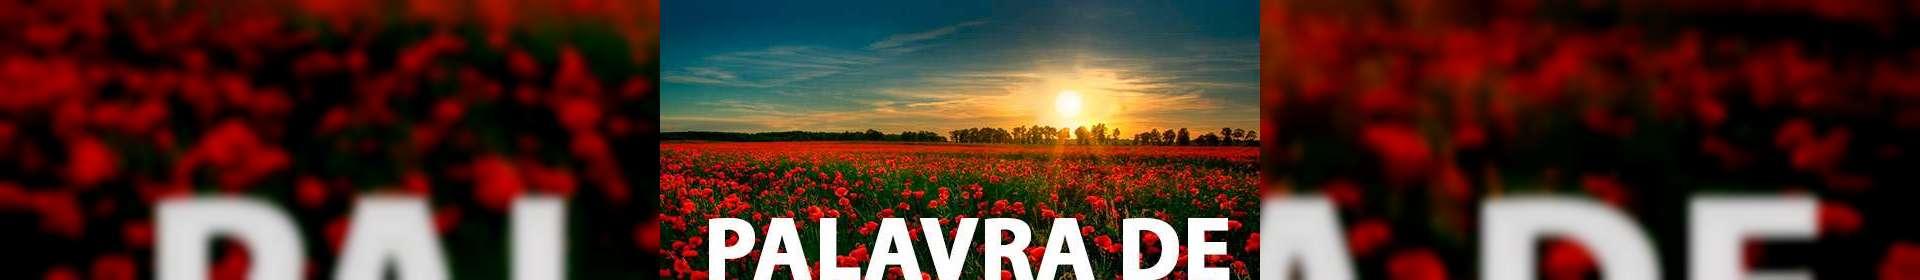 Isaías 32:18 - Uma Palavra de Esperança para sua vida